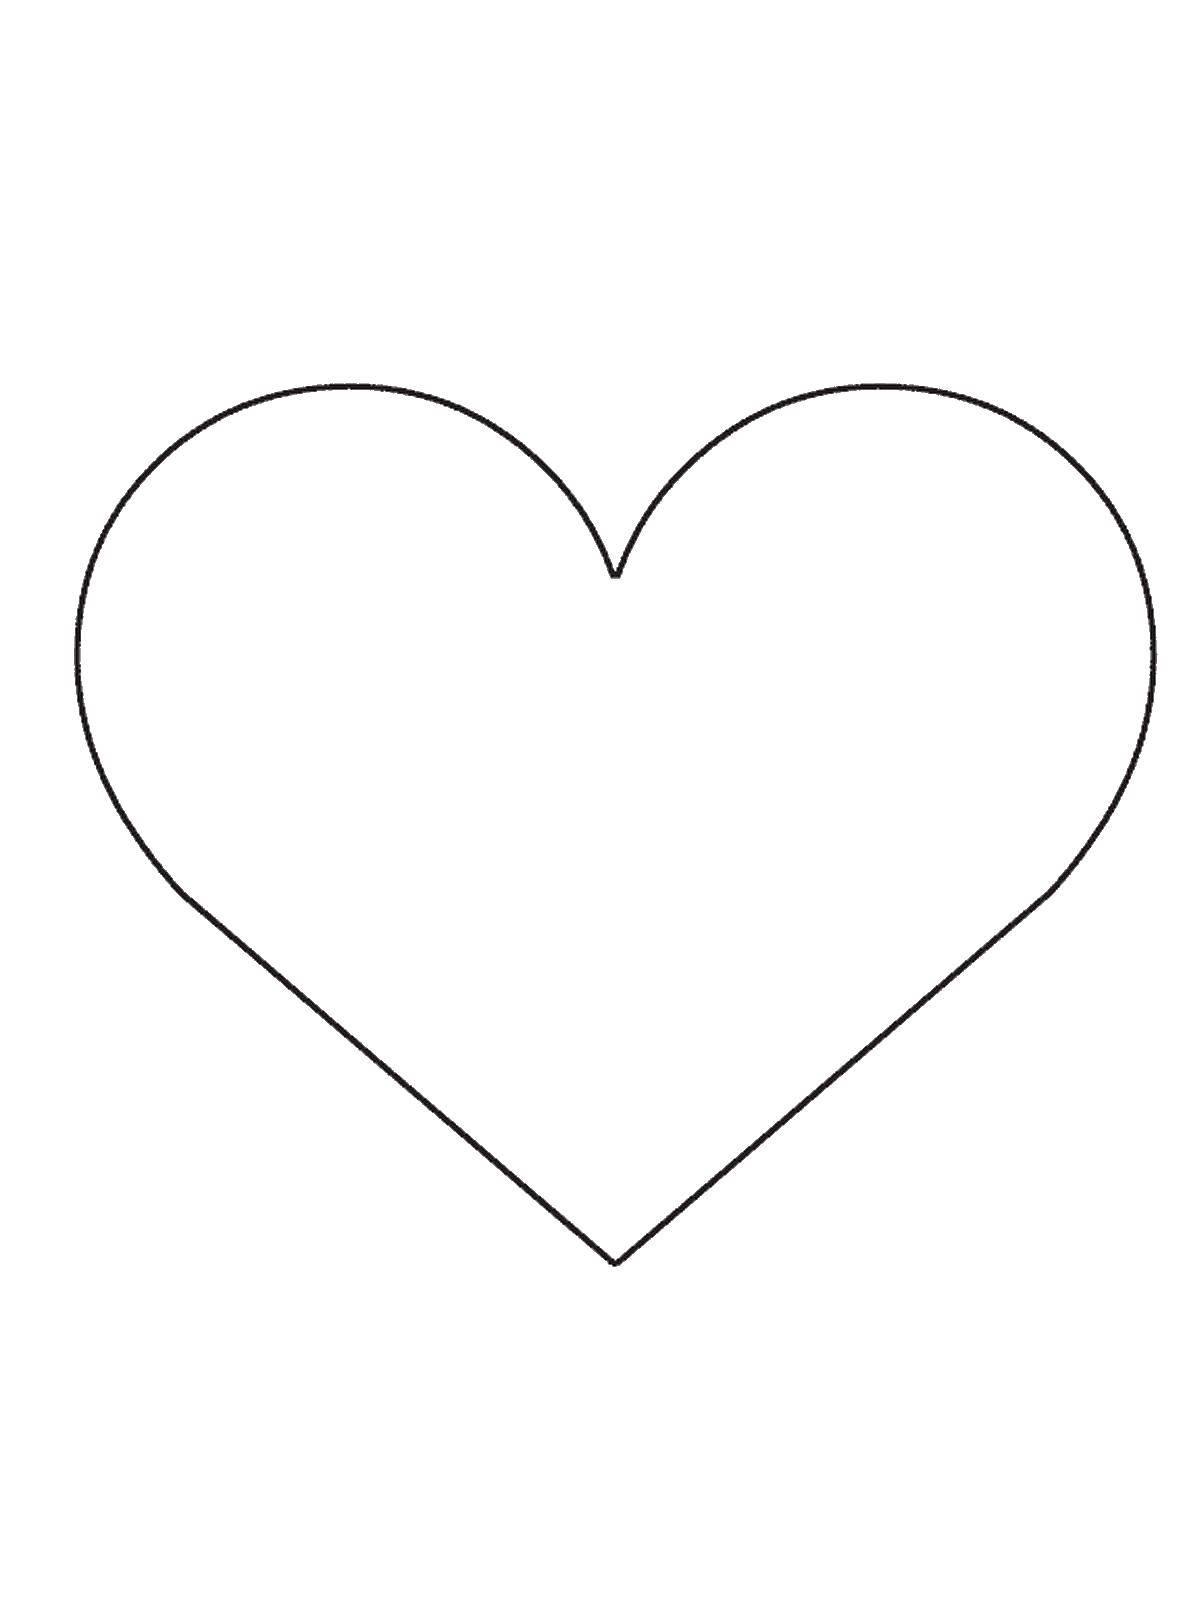 Раскраска раскраски из фигур Скачать ,Сердце,.  Распечатать